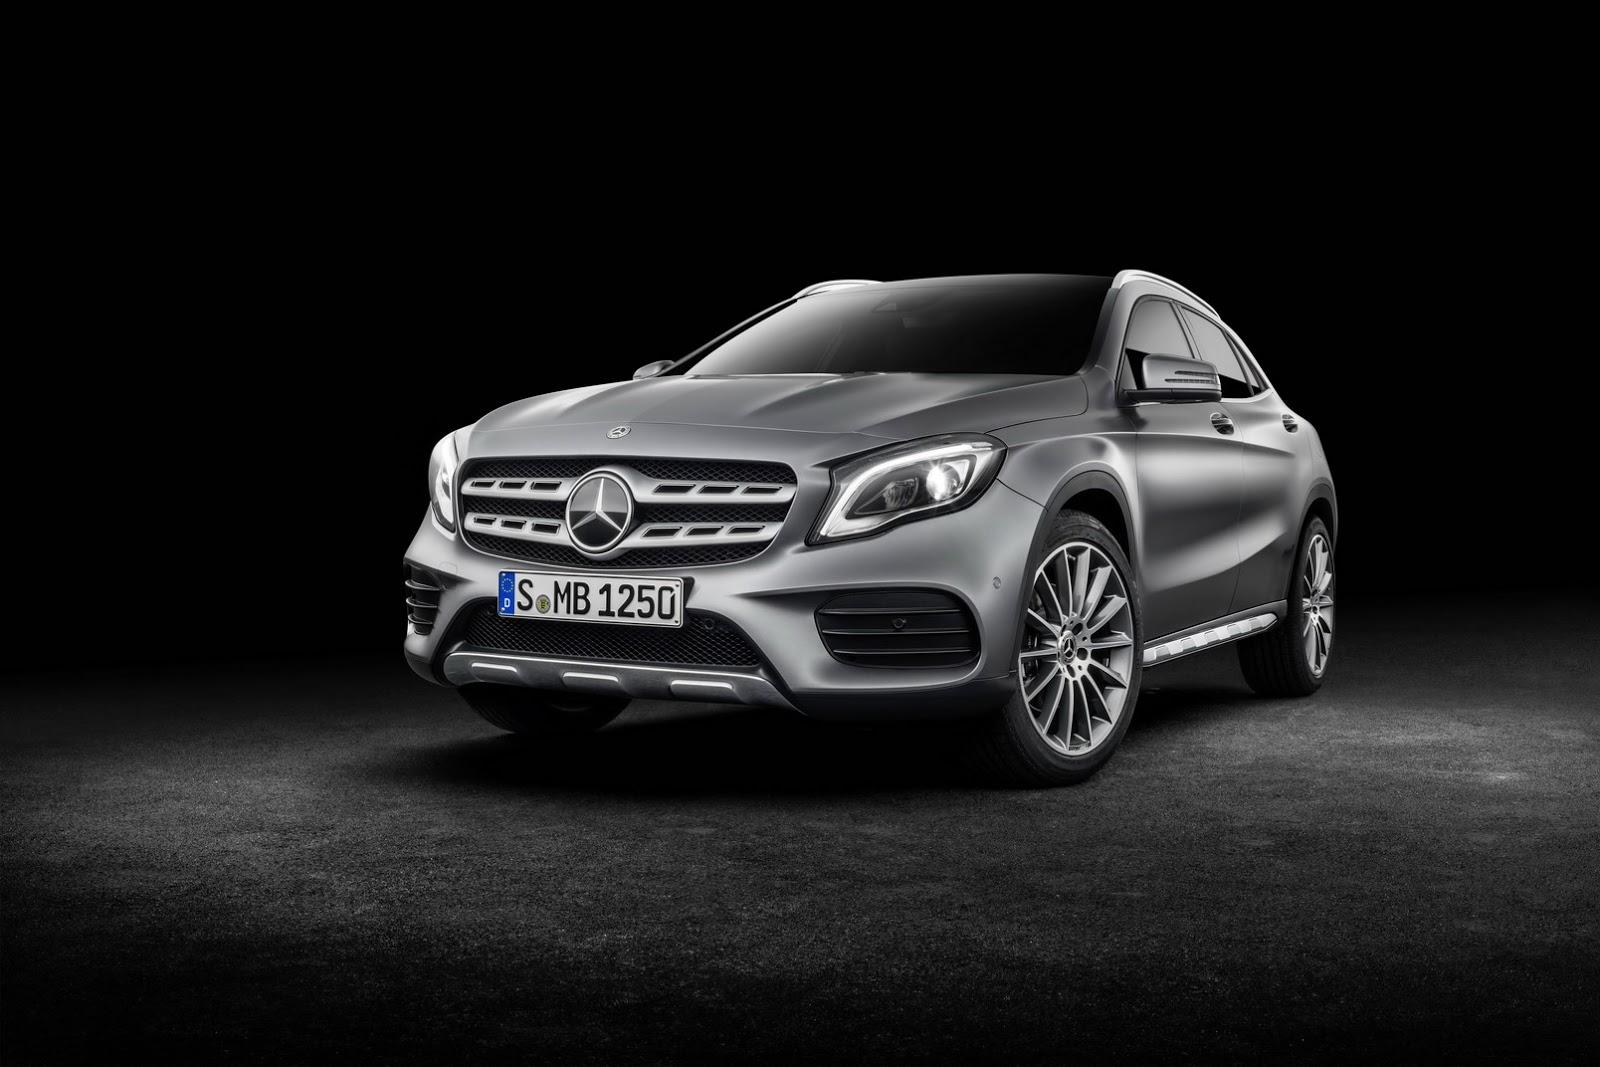 Mercedes GLA facelift and GLA 45 AMG facelift 2017 (55)